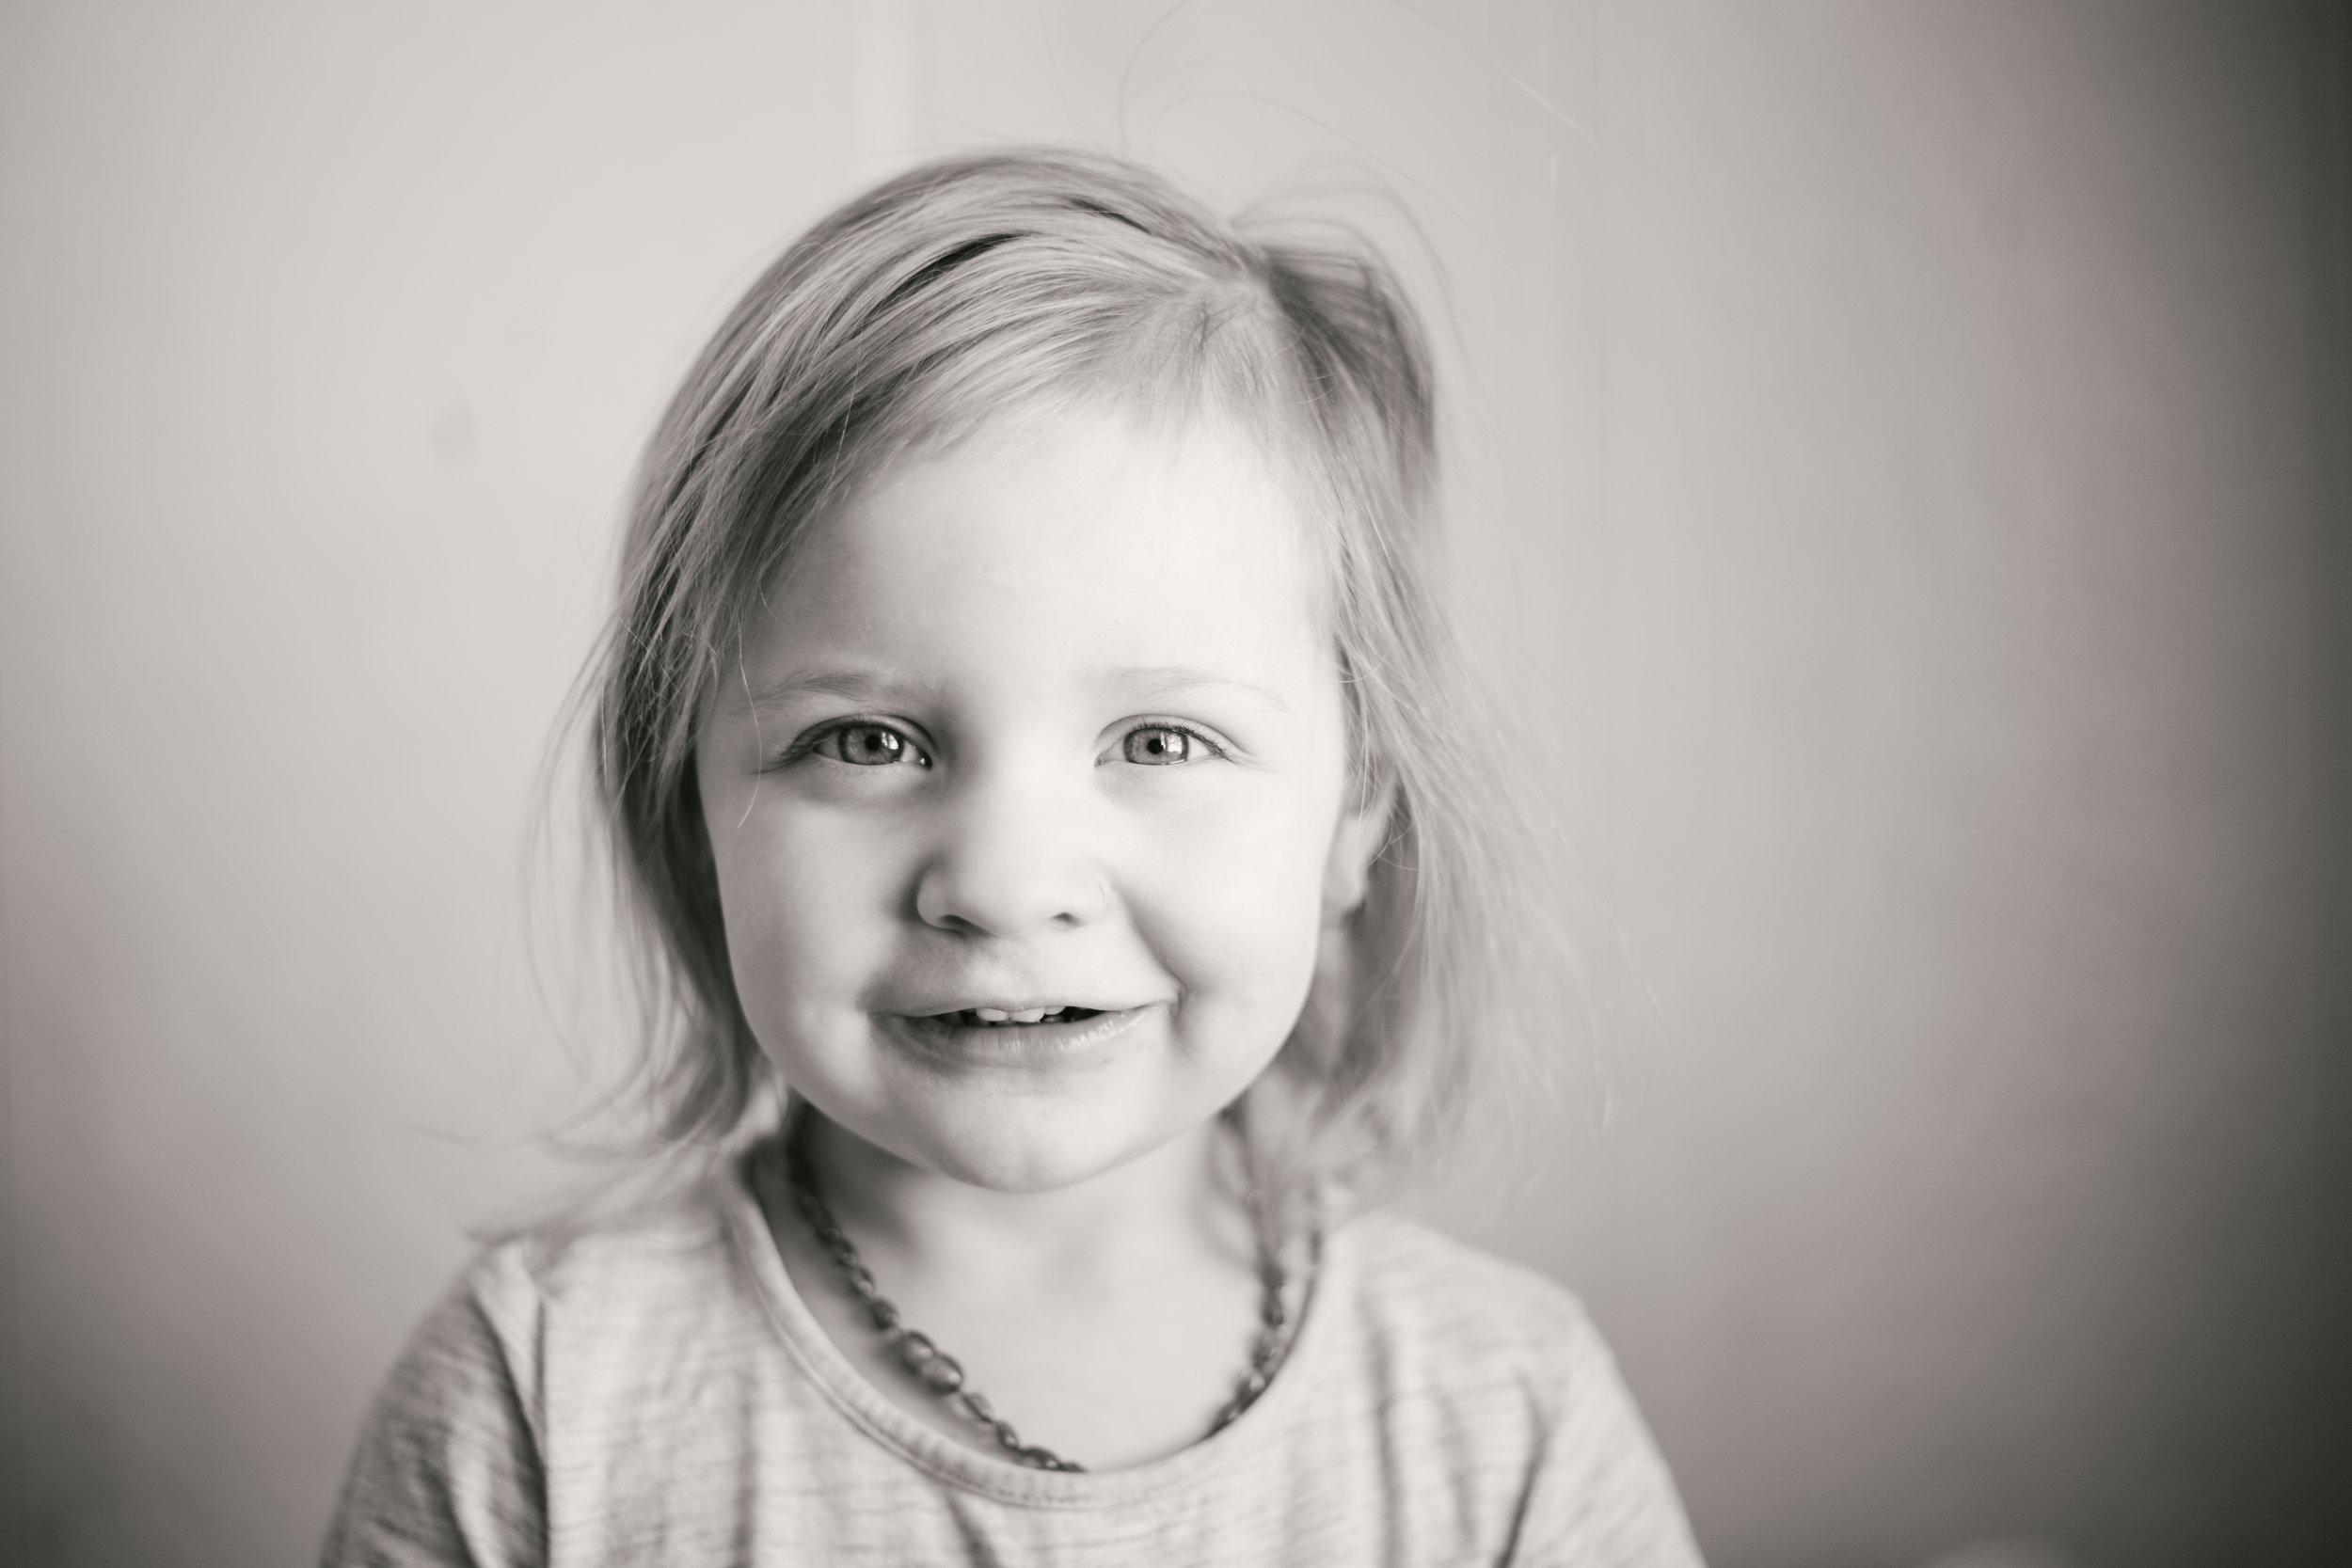 Montana, Pacific Northwest, Lifestyle Photographer - Hazel age 3 - Ashley Tintinger Photography -5.jpg